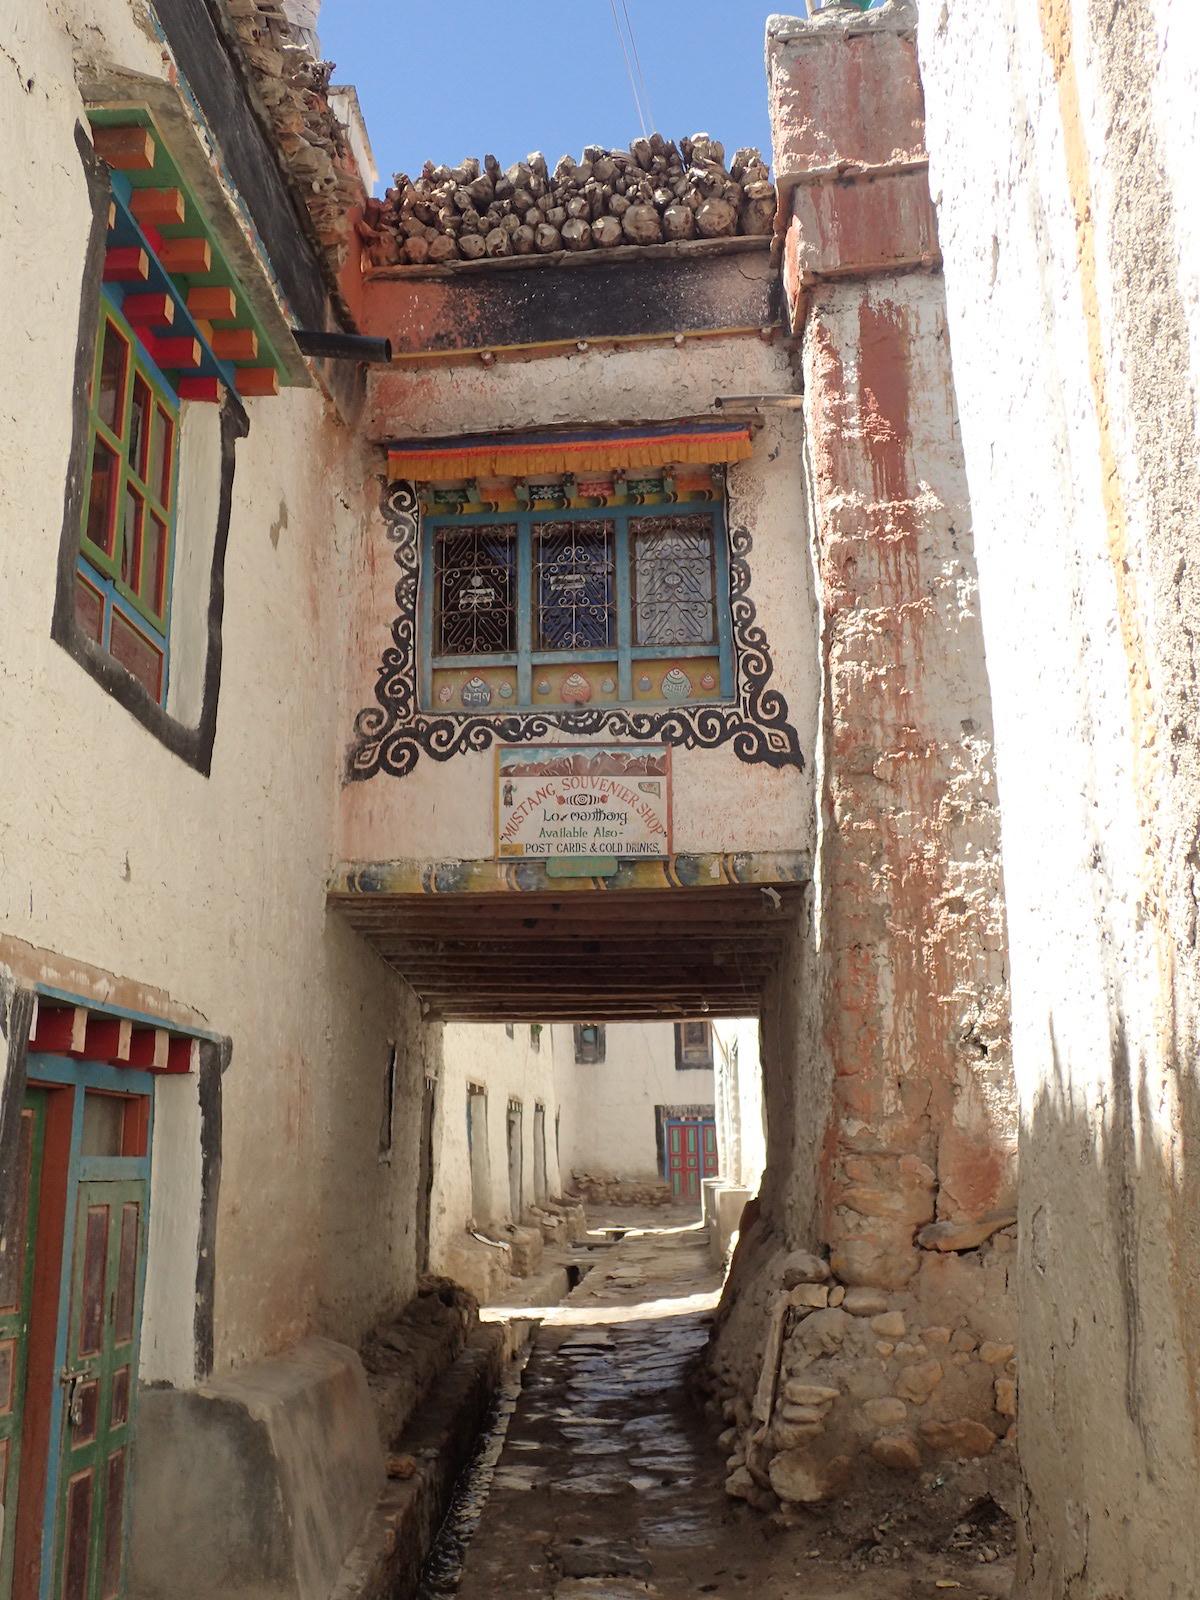 Uliczka w Lomantang - fot. Jerzy kostrzewa